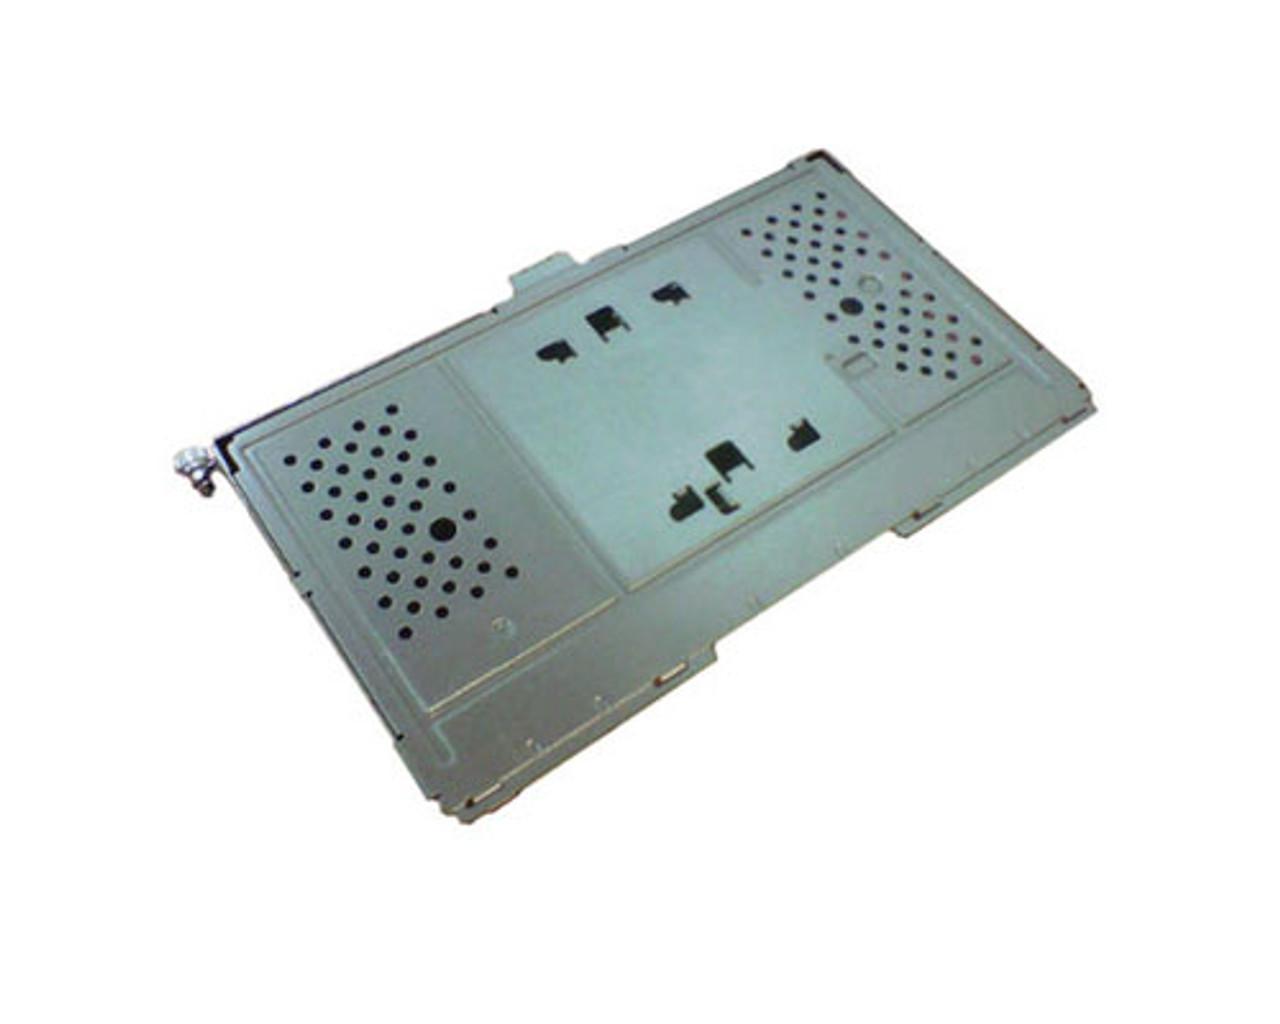 HP Digital Sender 9250c Formatter